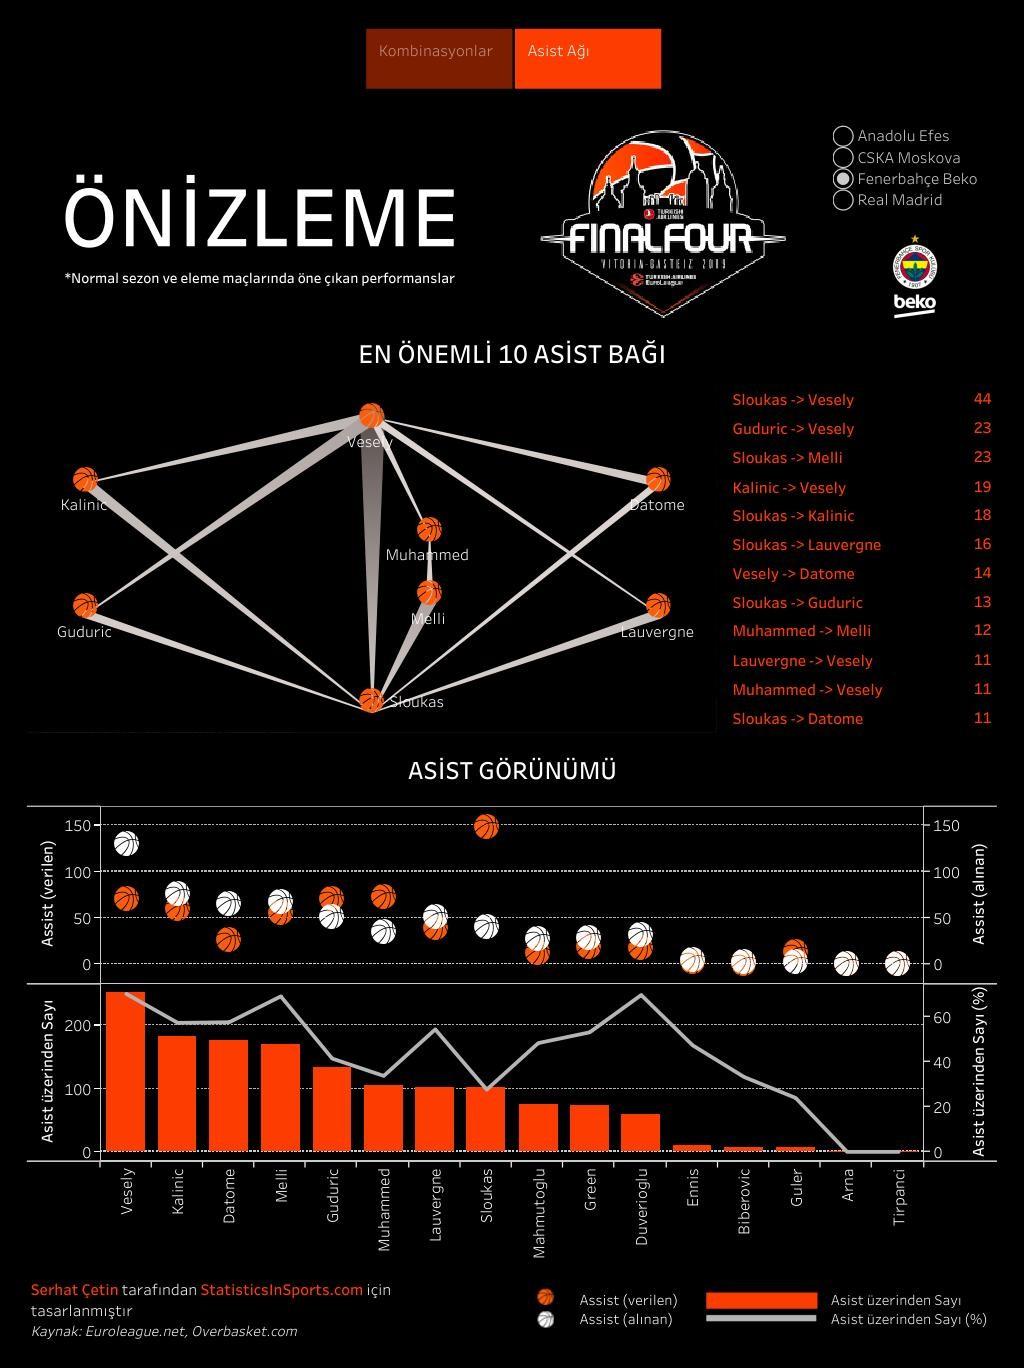 Fenerbahçe Beko'nun EuroLeague asist ağları (İstatistik ve Görsel: Serhat Çetin)